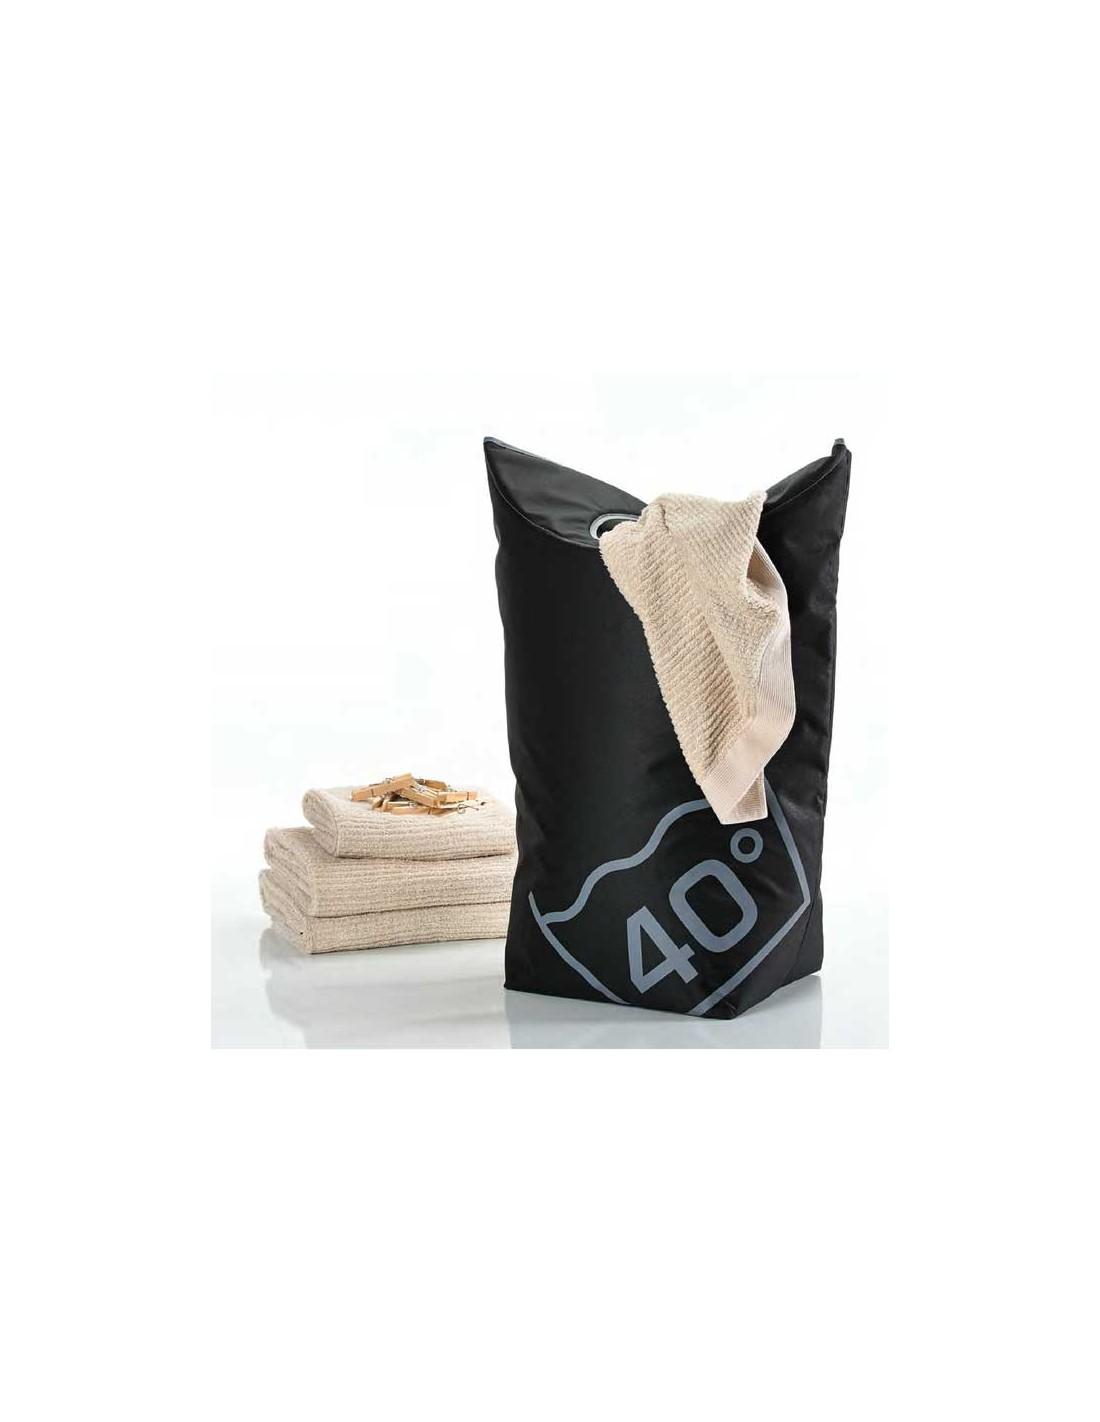 panier linge confetti de la marque zone. Black Bedroom Furniture Sets. Home Design Ideas